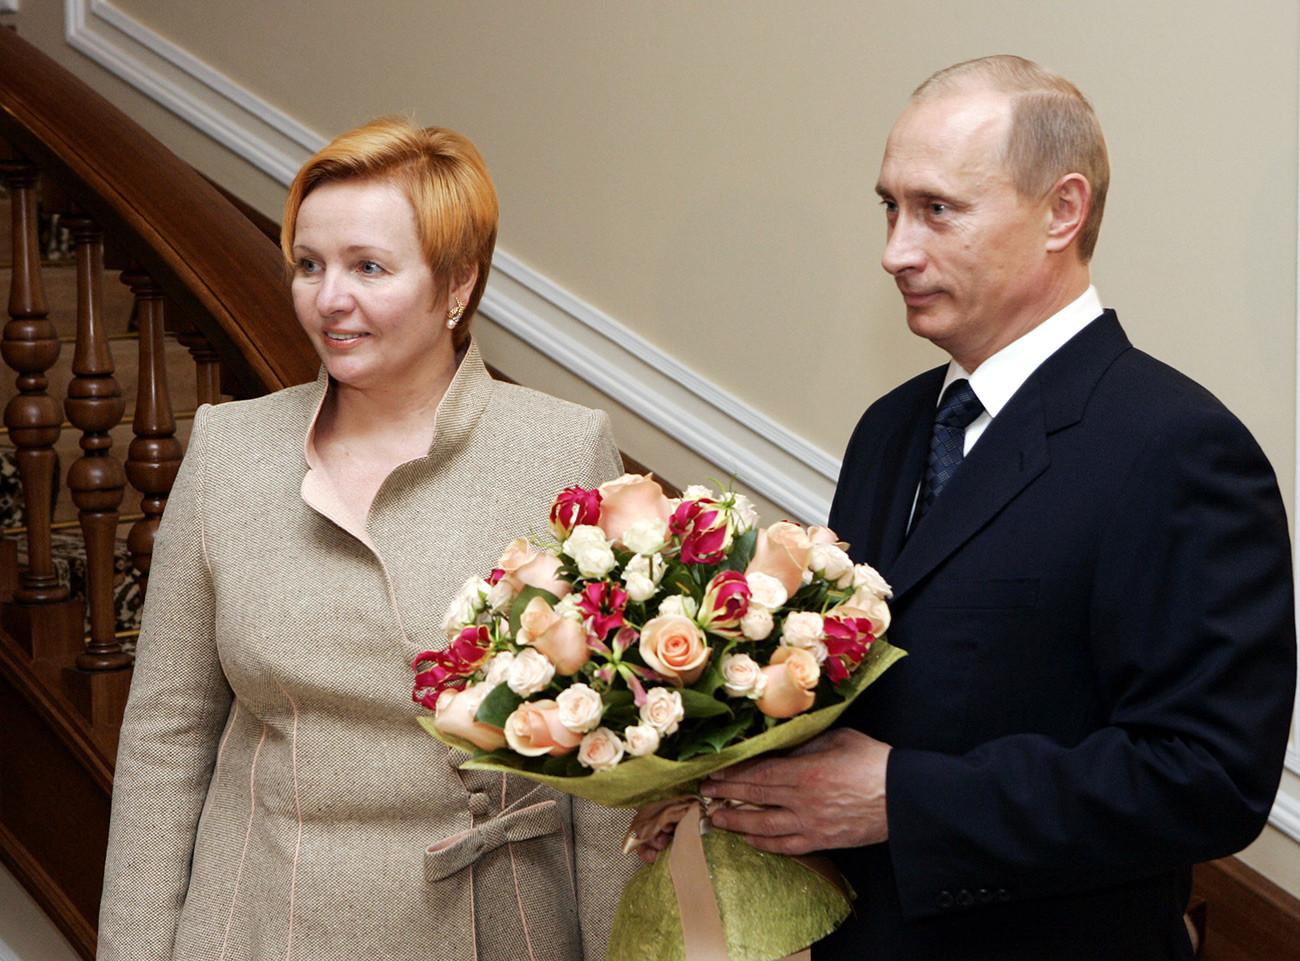 Ruski predsjednik Vladimir Putin sa suprugom Ljudmilom u Novo-Ogarjovu. 2005.